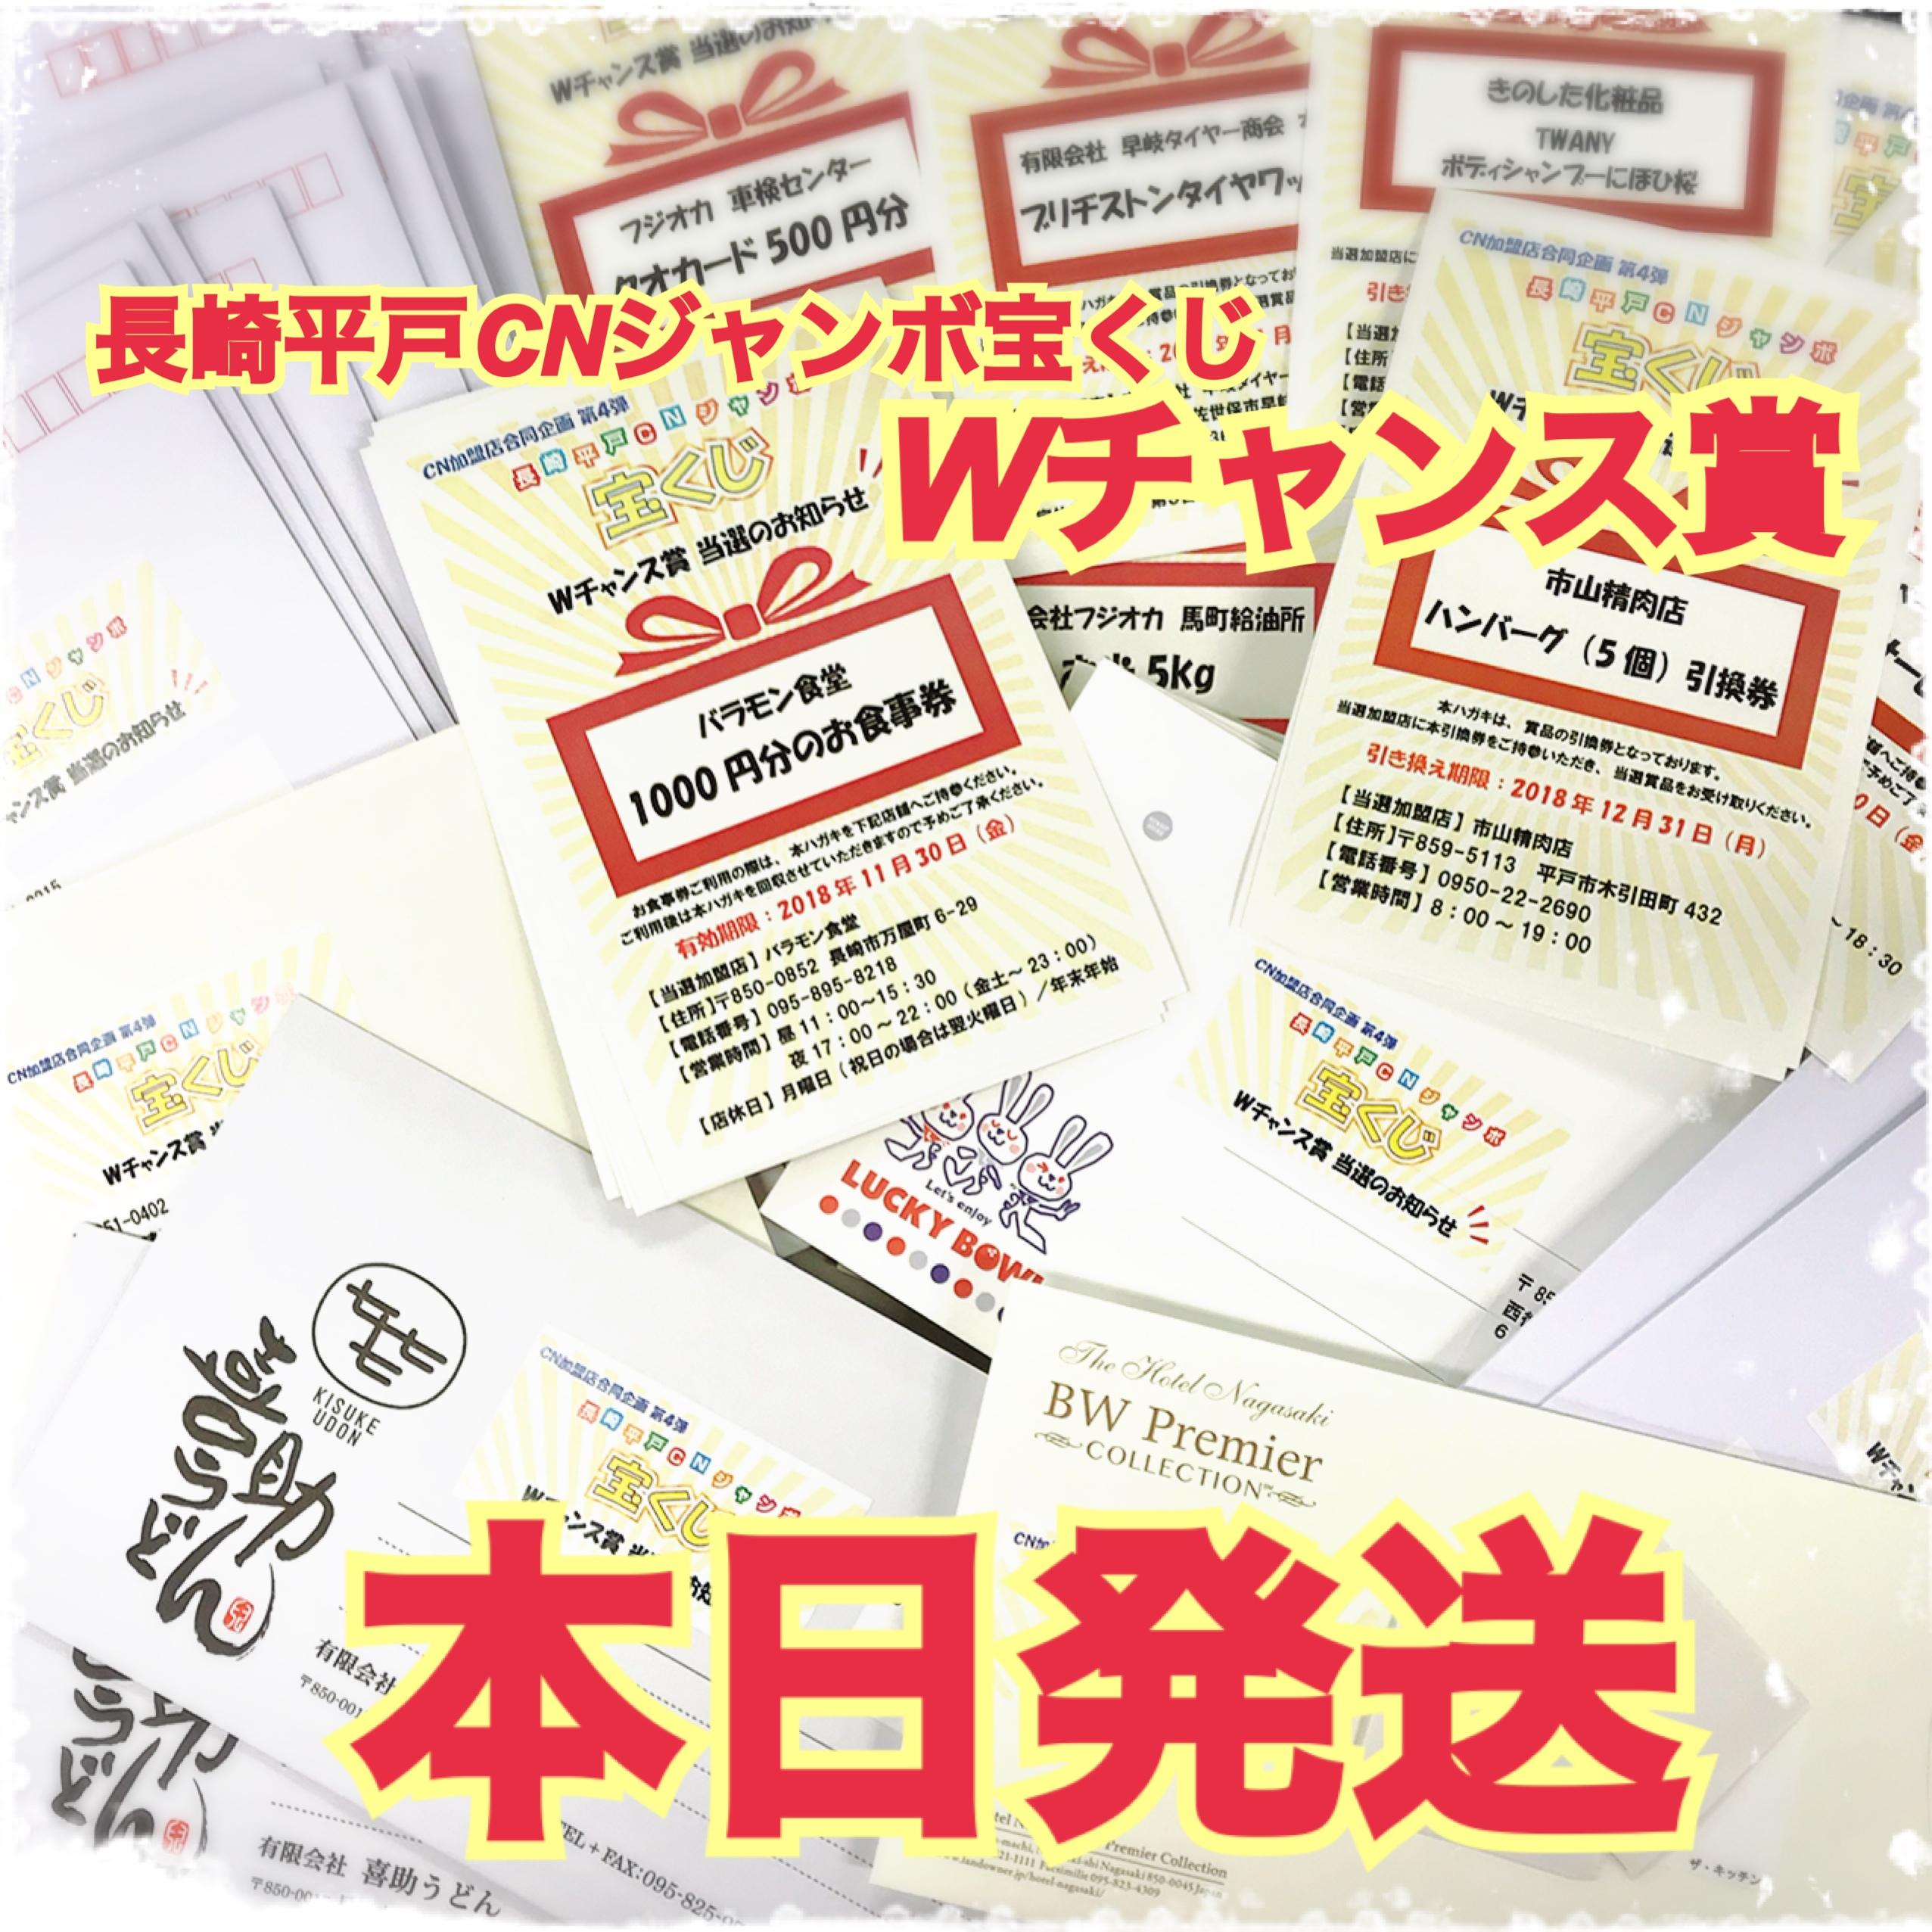 長崎平戸CNジャンボ宝くじWチャンス賞★発送完了♪♪